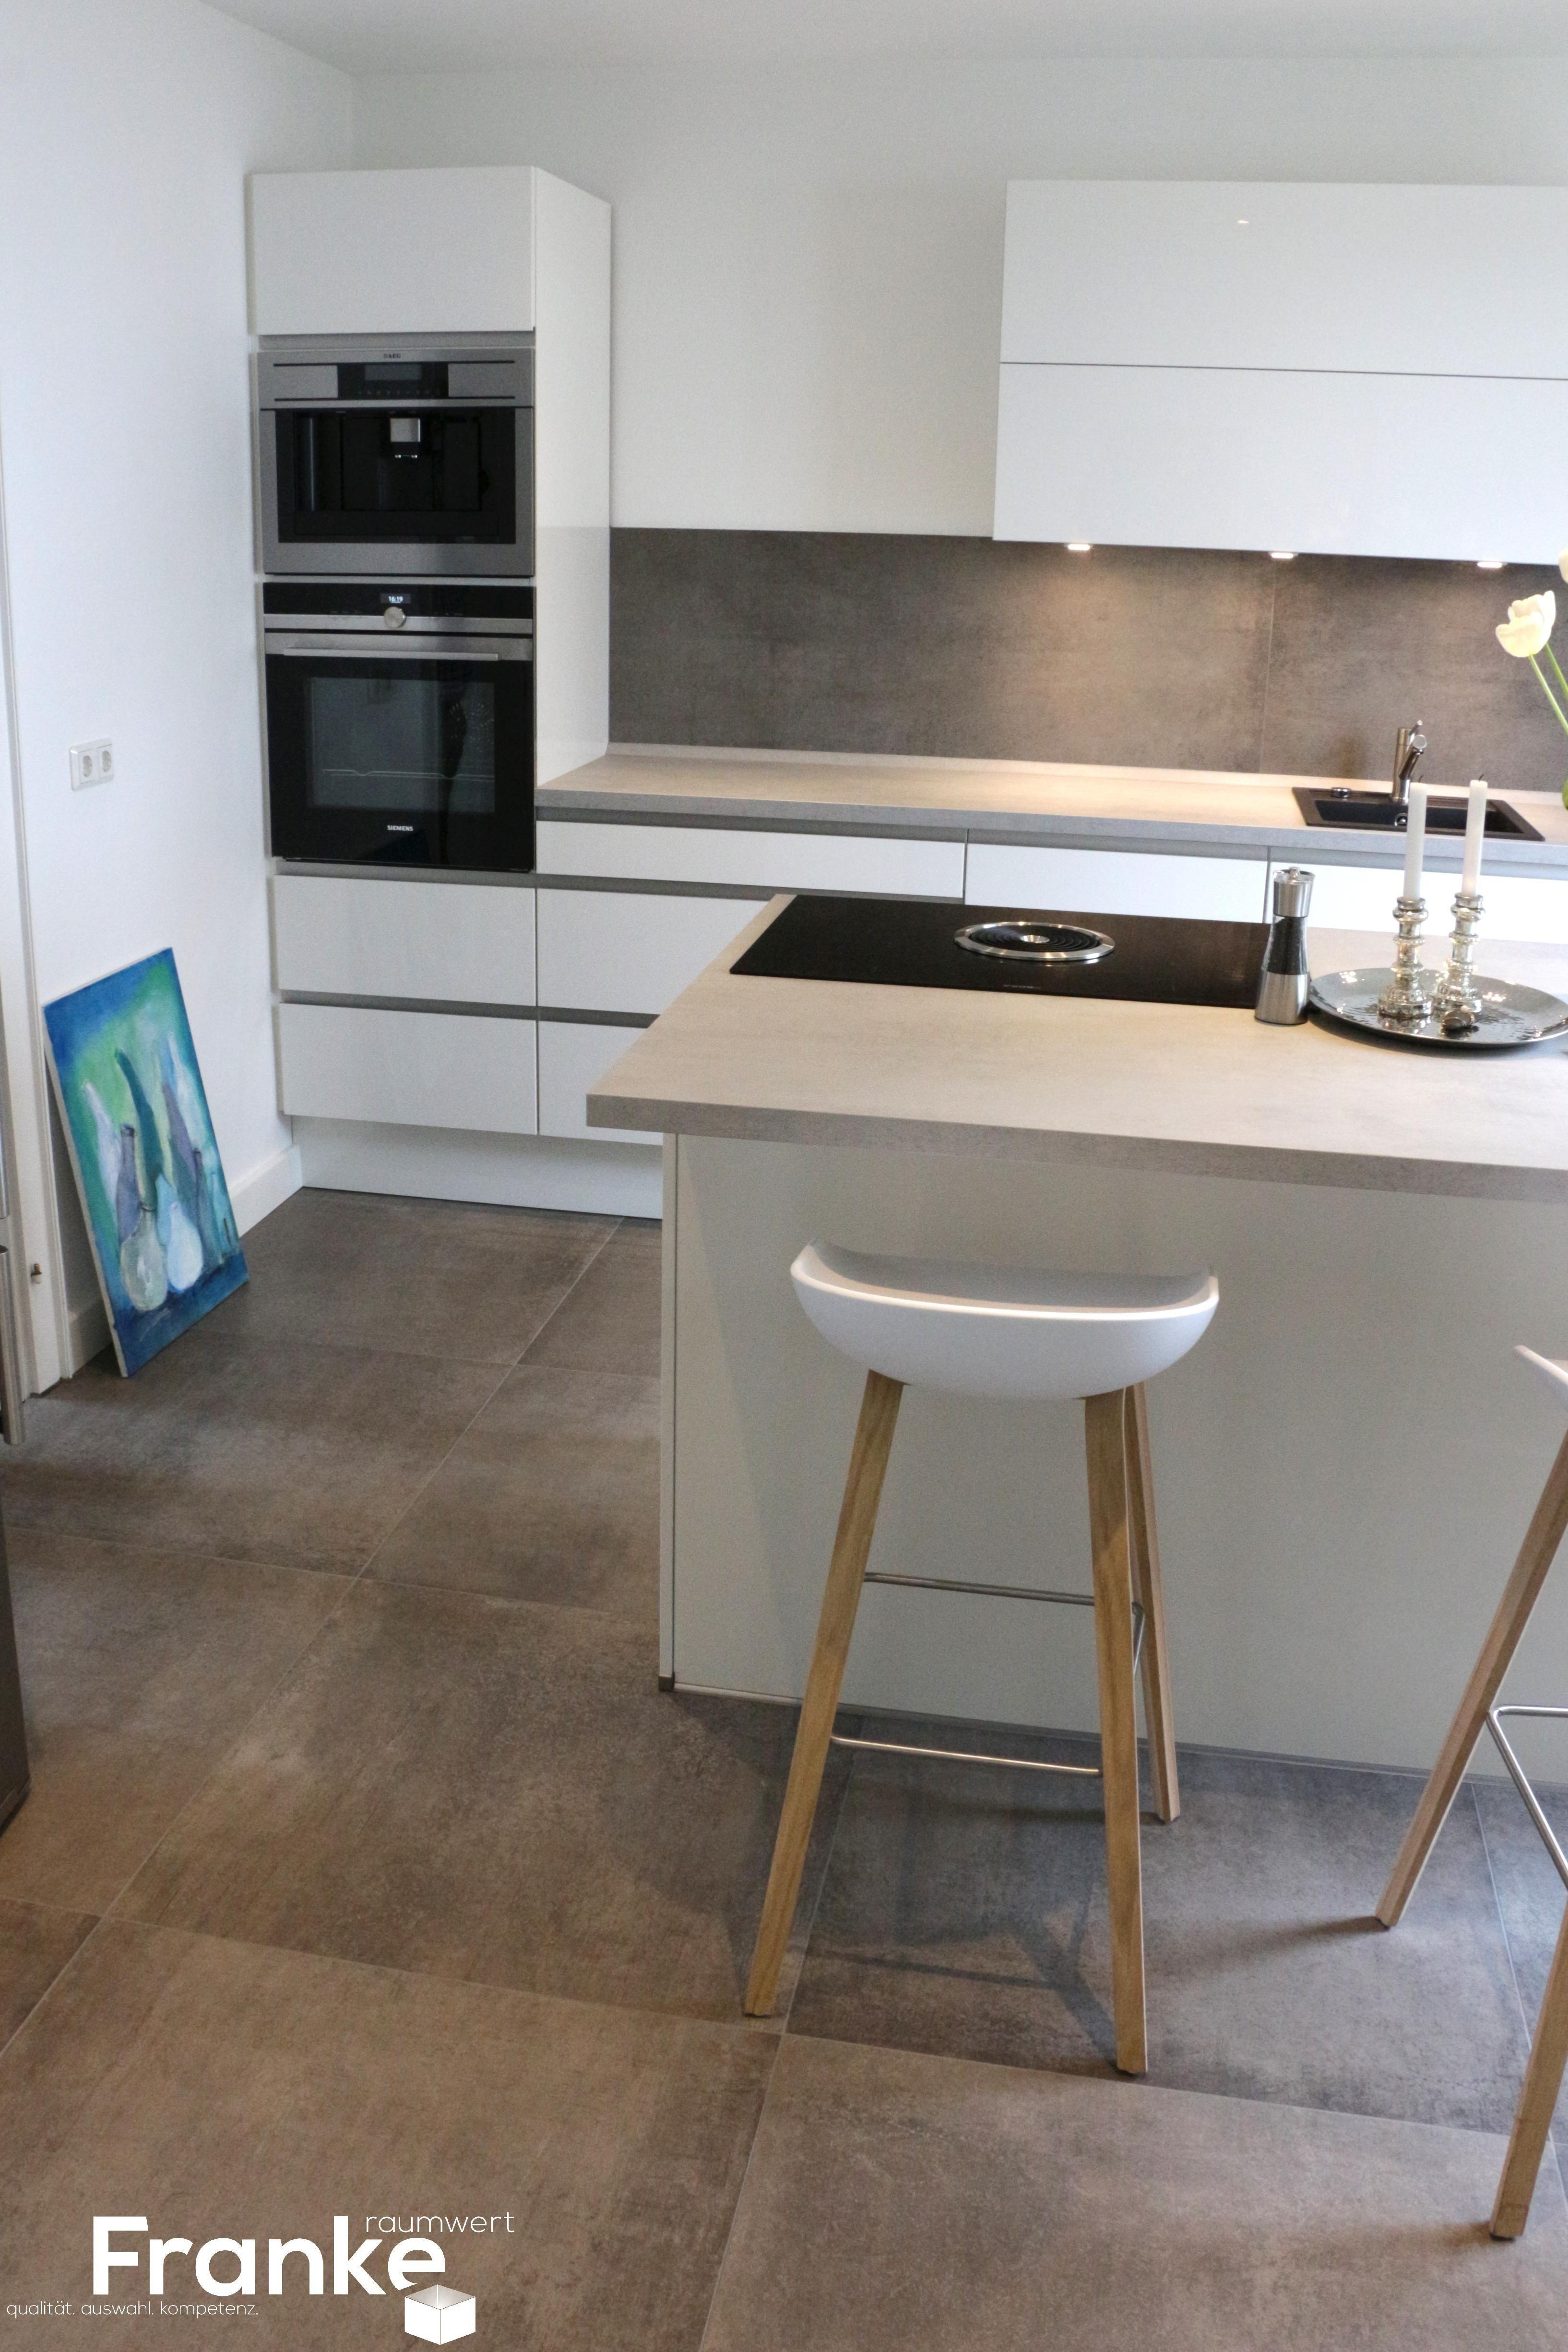 25 Beautiful Nolte Arbeitsplatten Treibholz - around-my-hotel.com | Cuisine design moderne ...